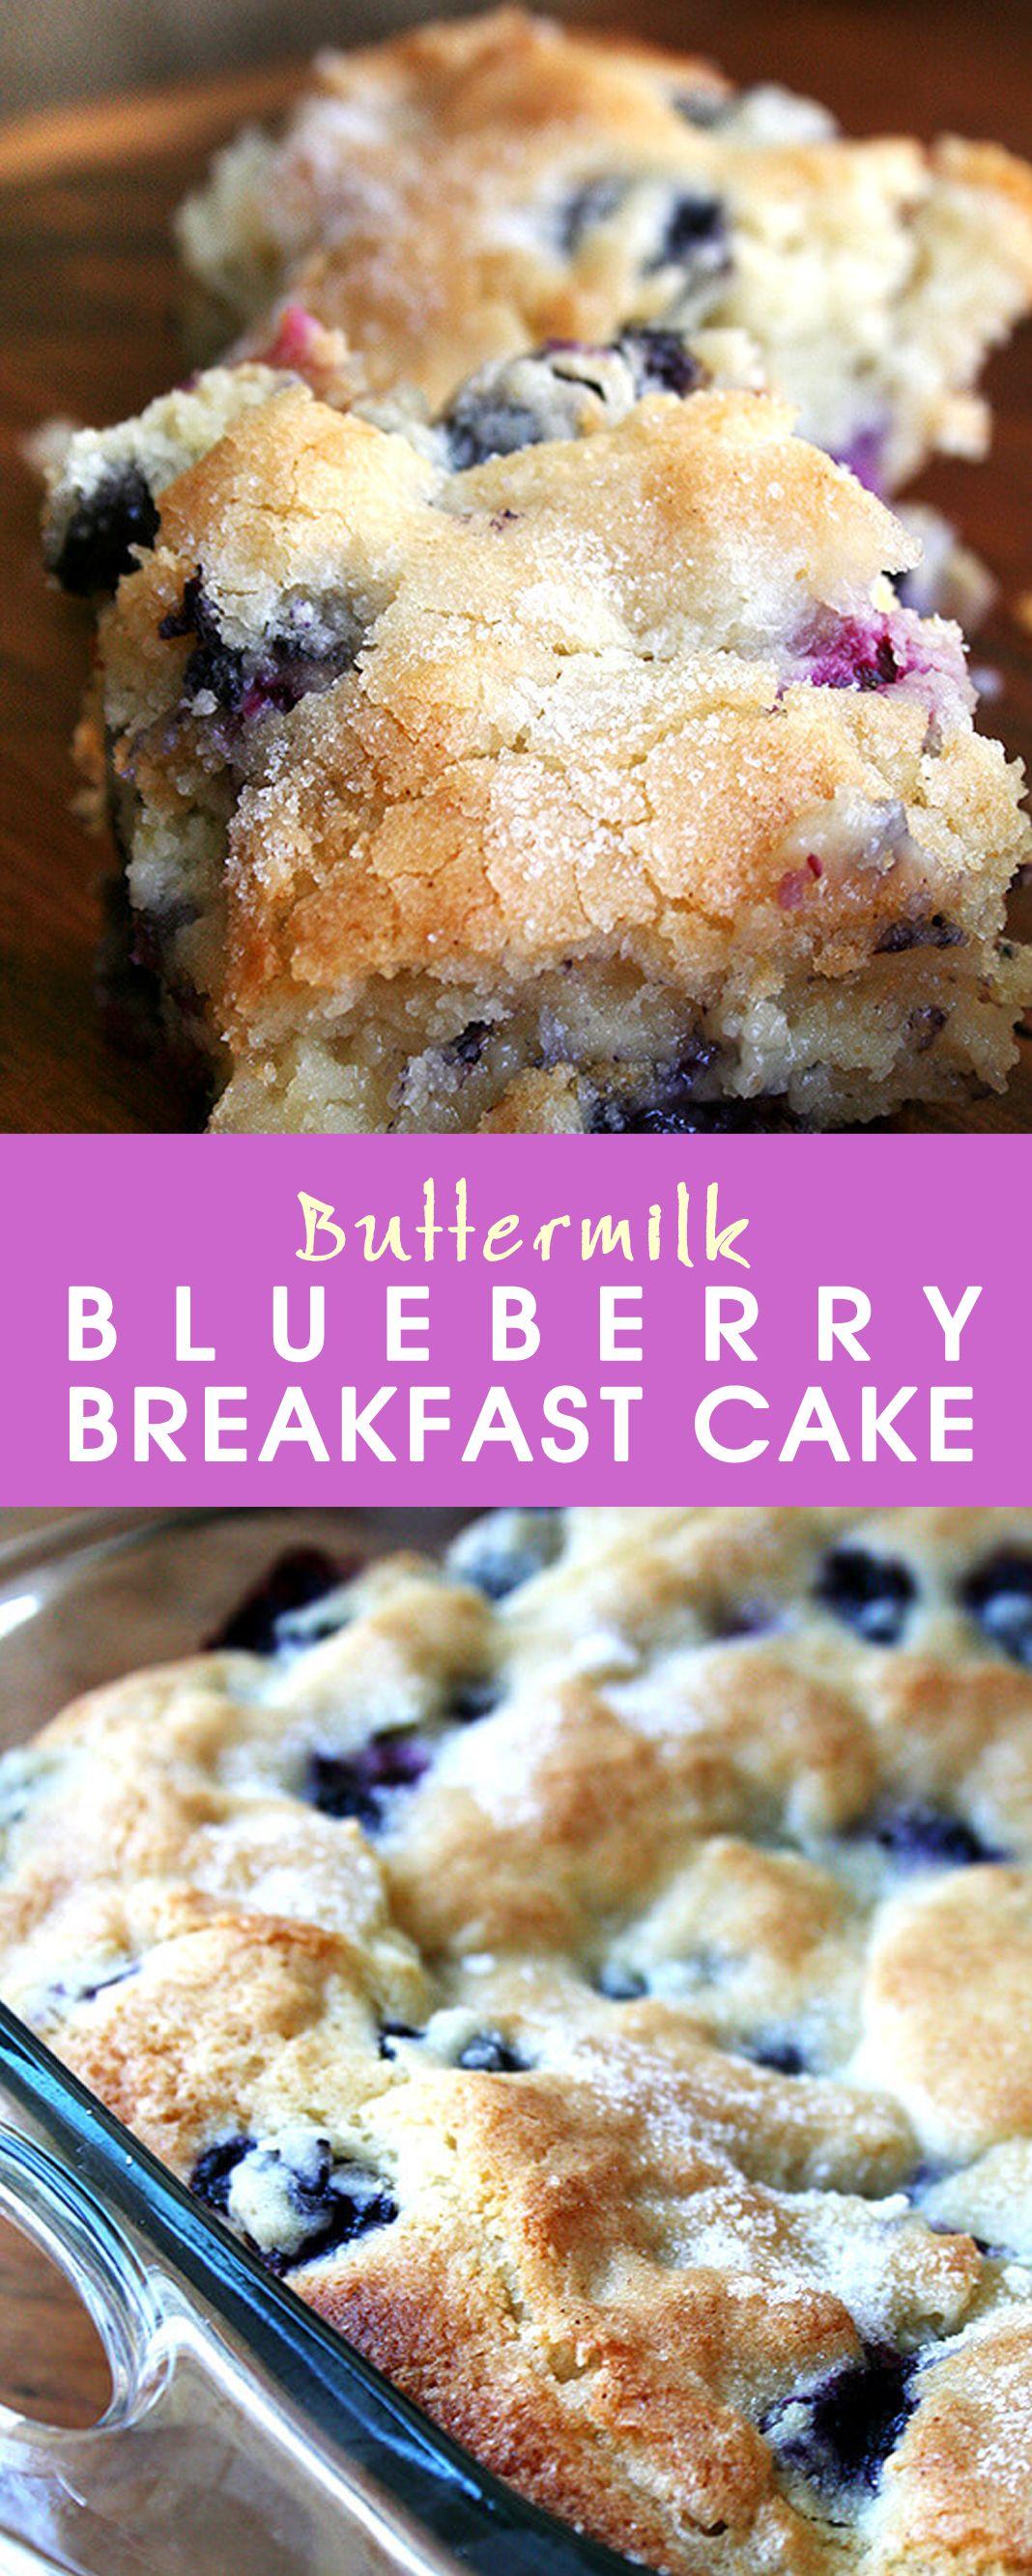 Buttermilk Blueberry Breakfast Cake Breakfast Cake Breakfast Cake Recipes Blueberry Breakfast Cake